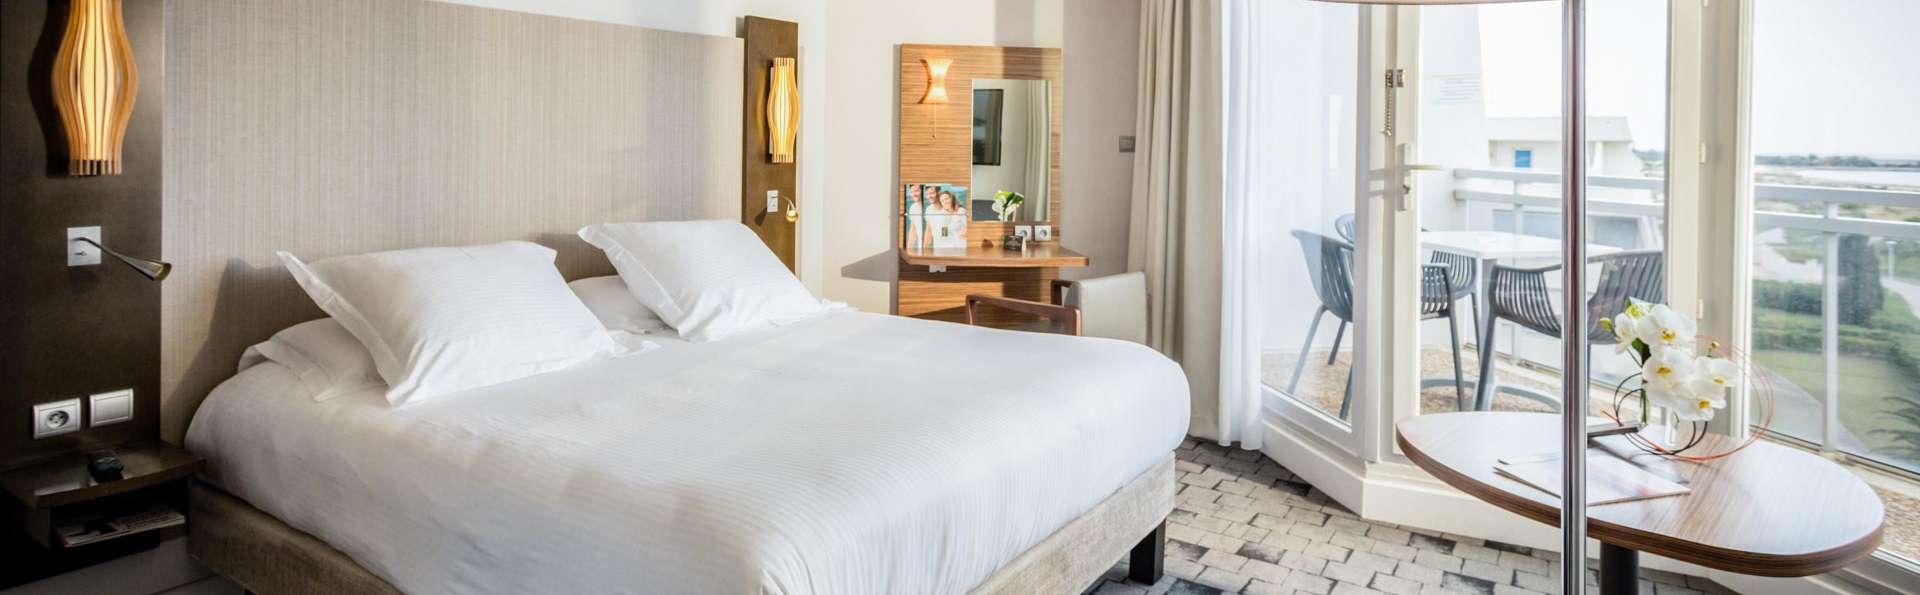 Hôtel les bains de Camargue & Spa by Thalazur - EDIT_ROOM_01.jpg